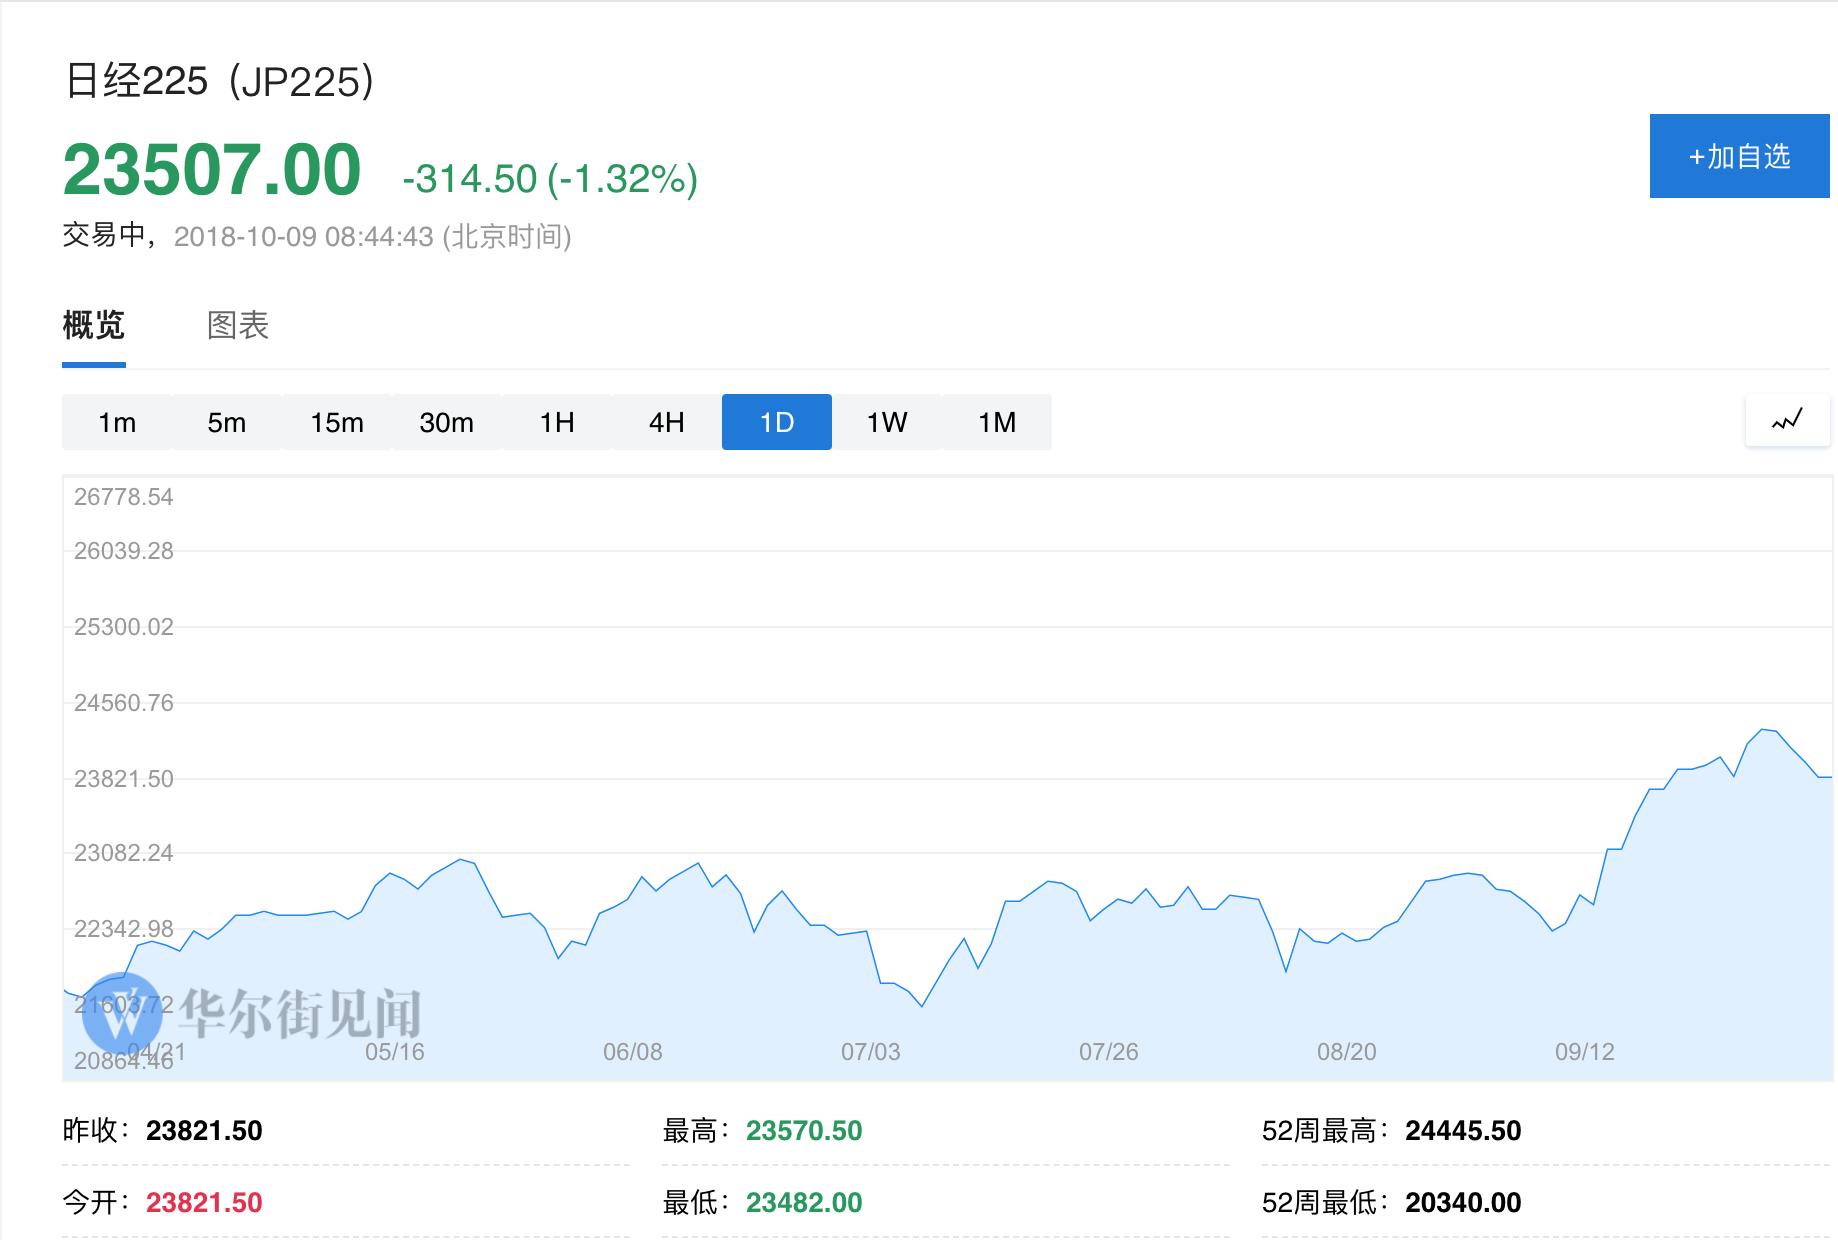 亚洲股市惨淡开盘:日股低开1%,澳股回吐全年涨幅